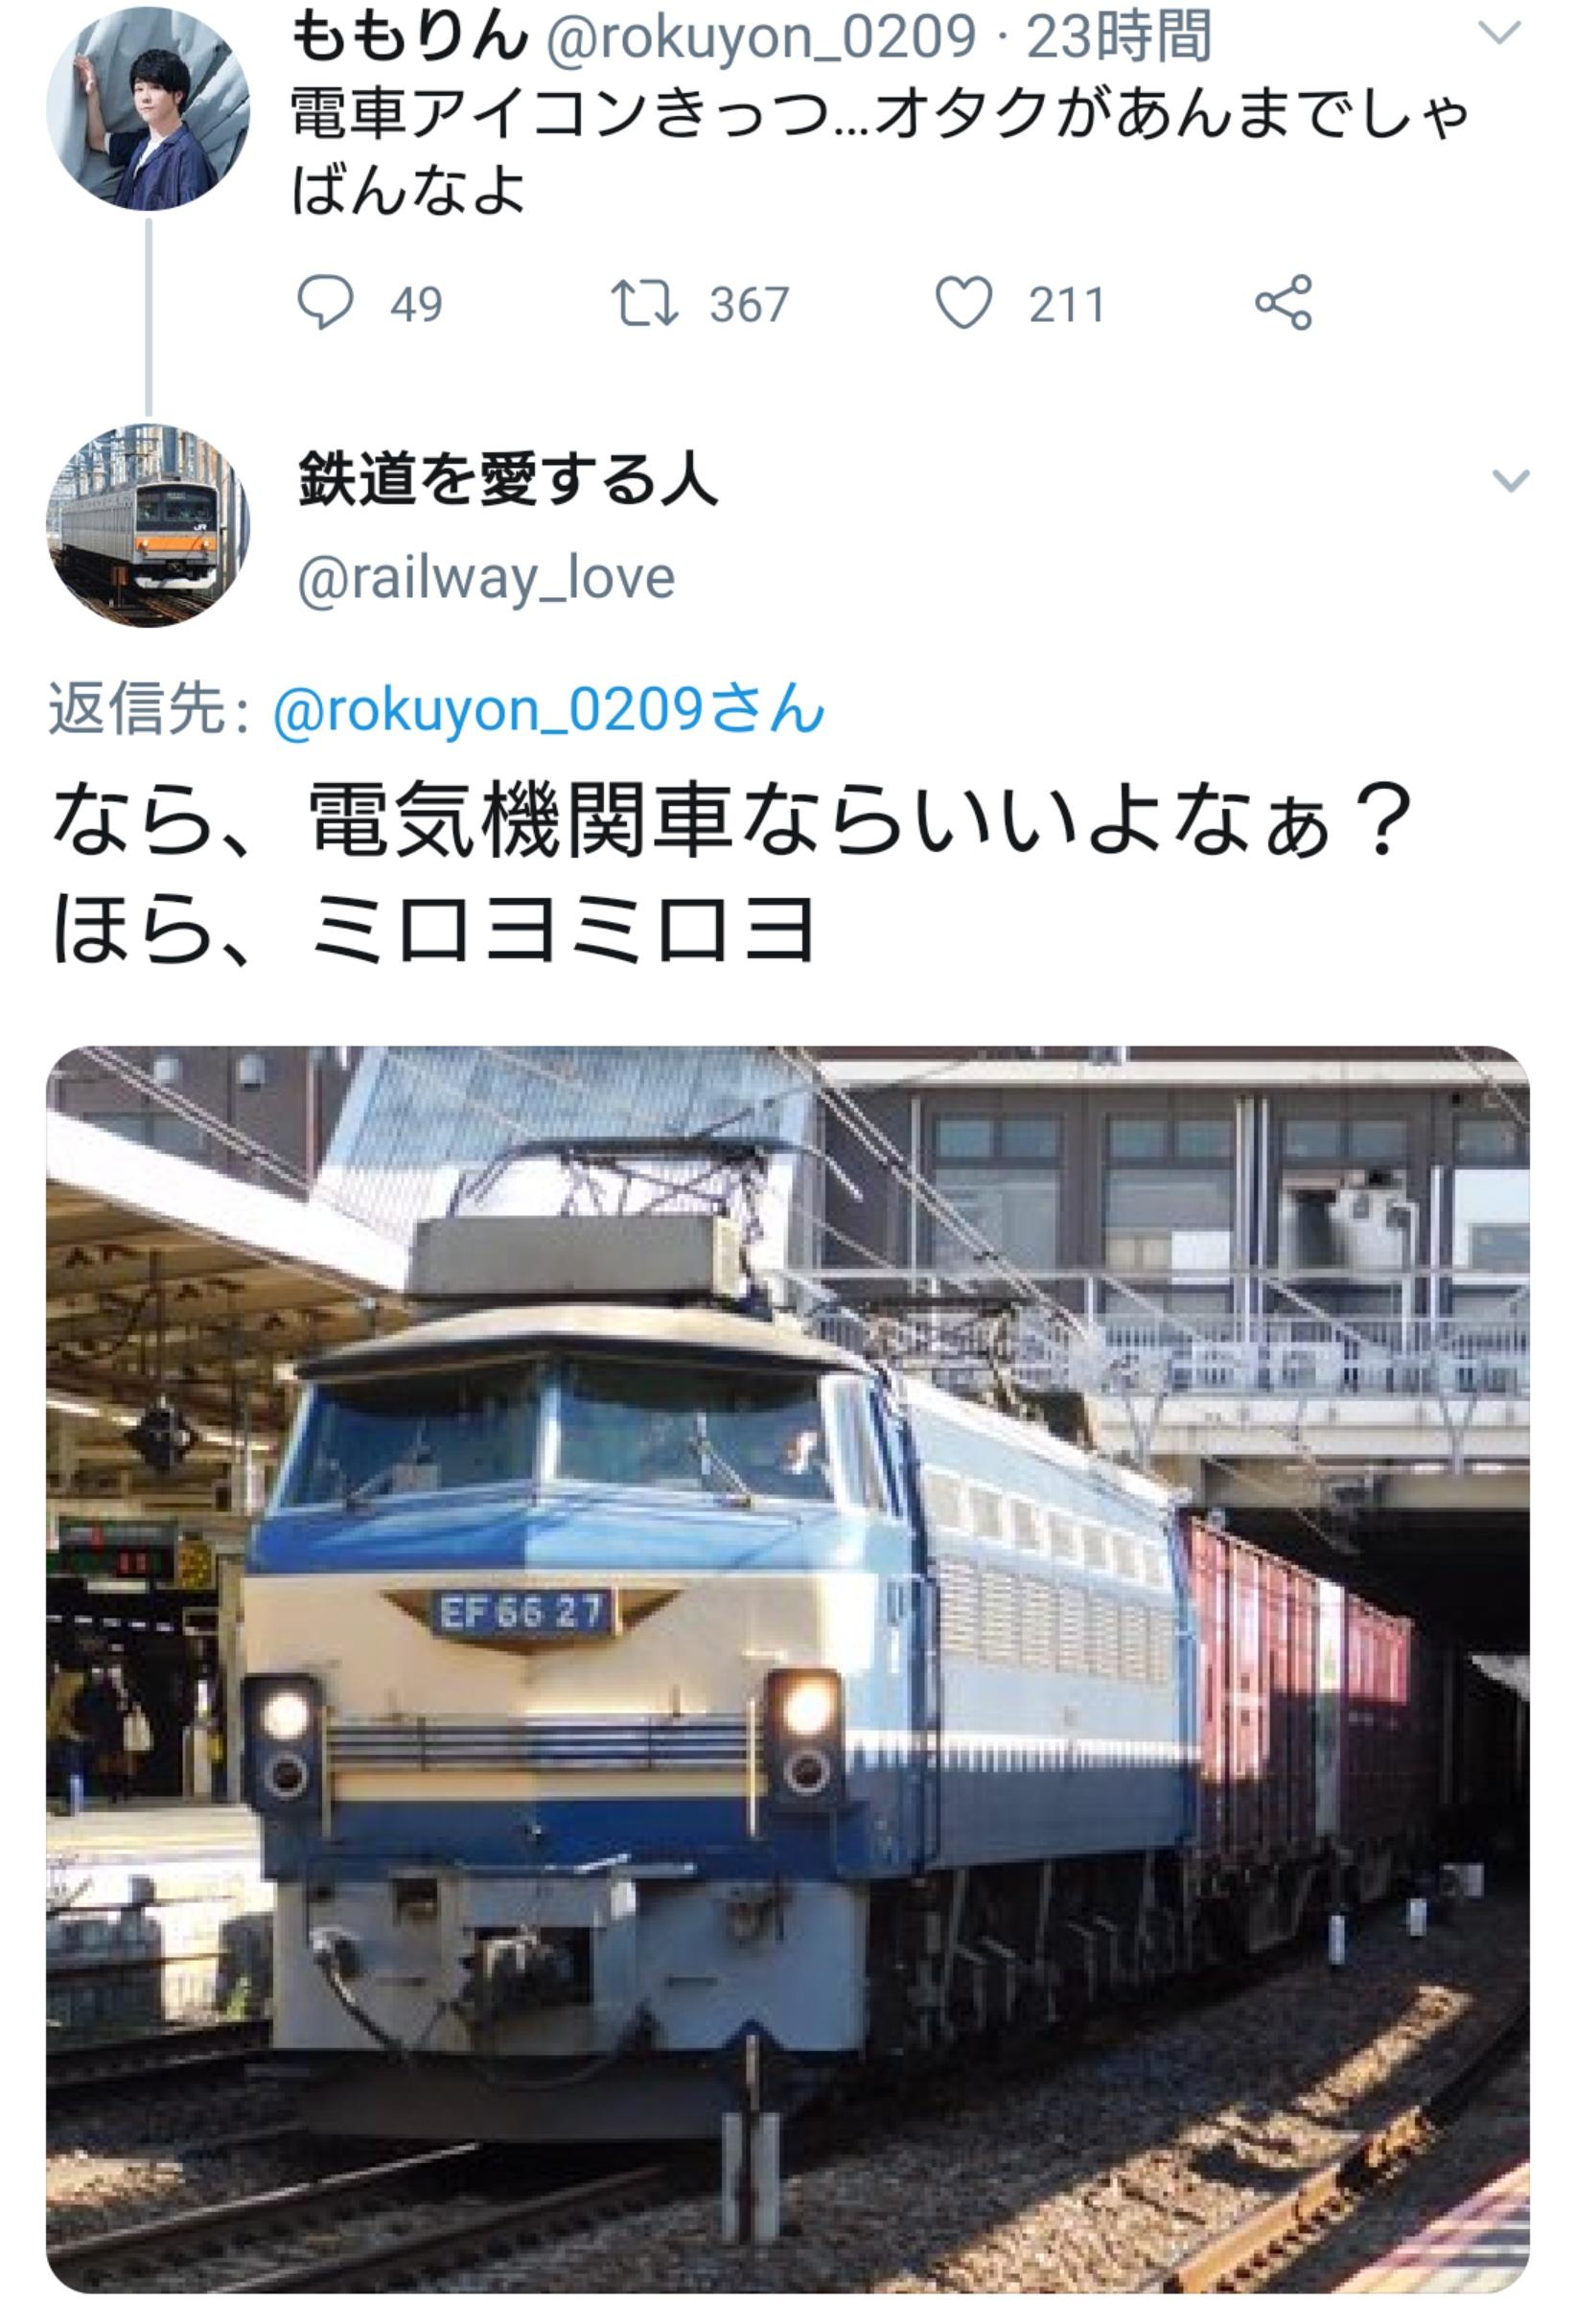 鉄オタ、馬鹿にされたことにブチ切れ 「電車がダメなら気動車はいいんですね!」 リプが地獄絵図に